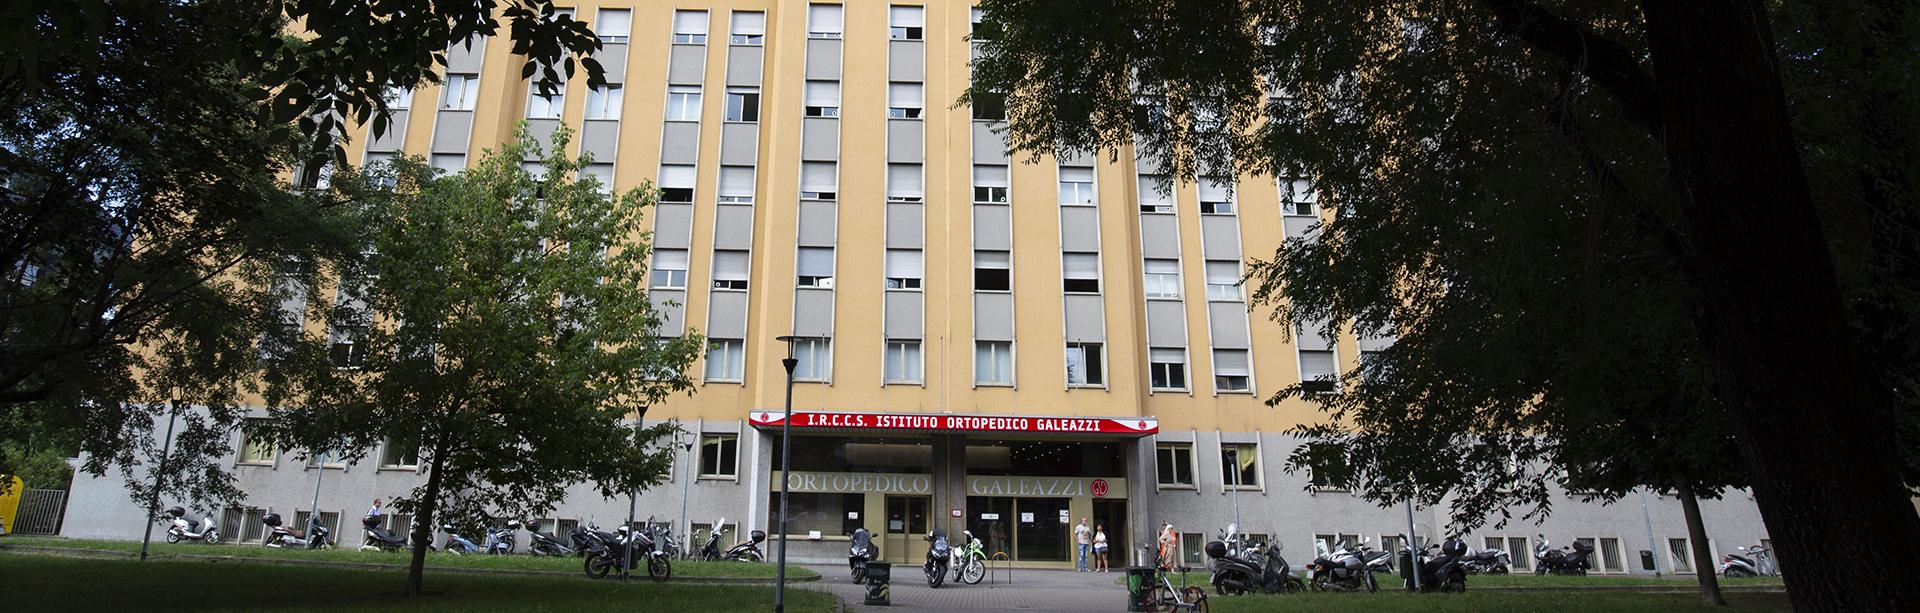 Istituto Ortopedico Galeazzi | Gruppo San Donato